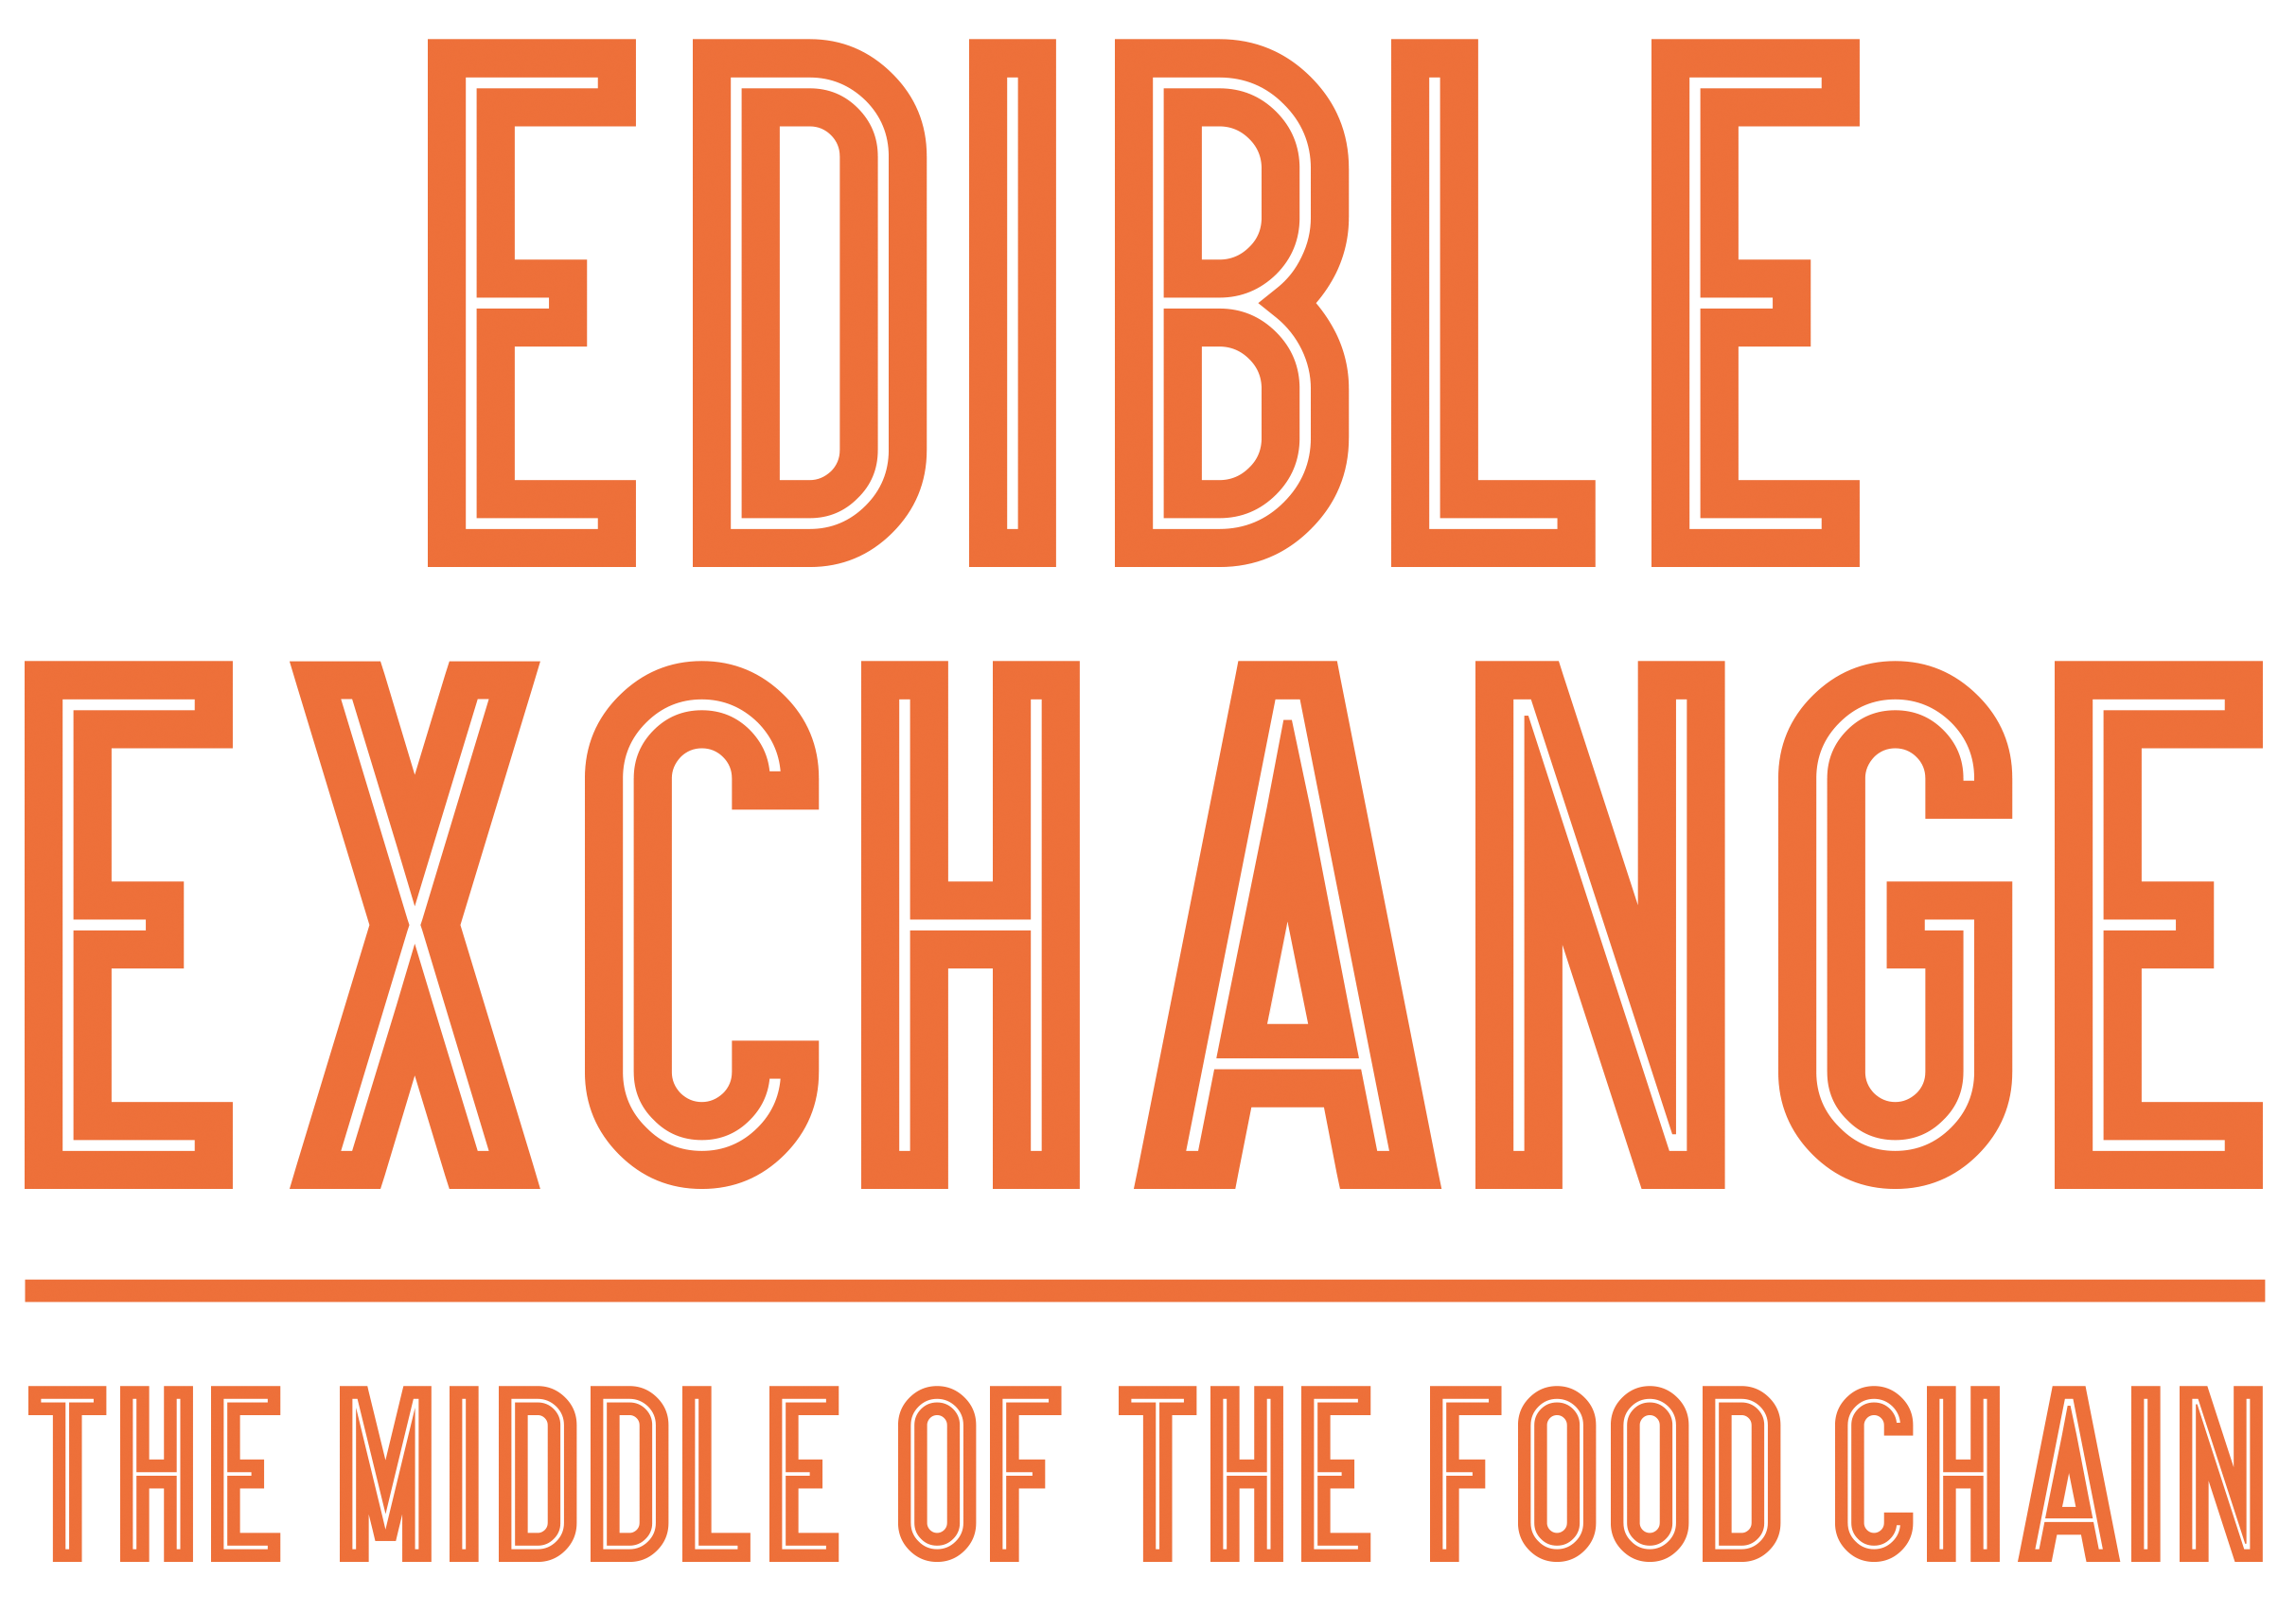 Edible Exchange logo.png